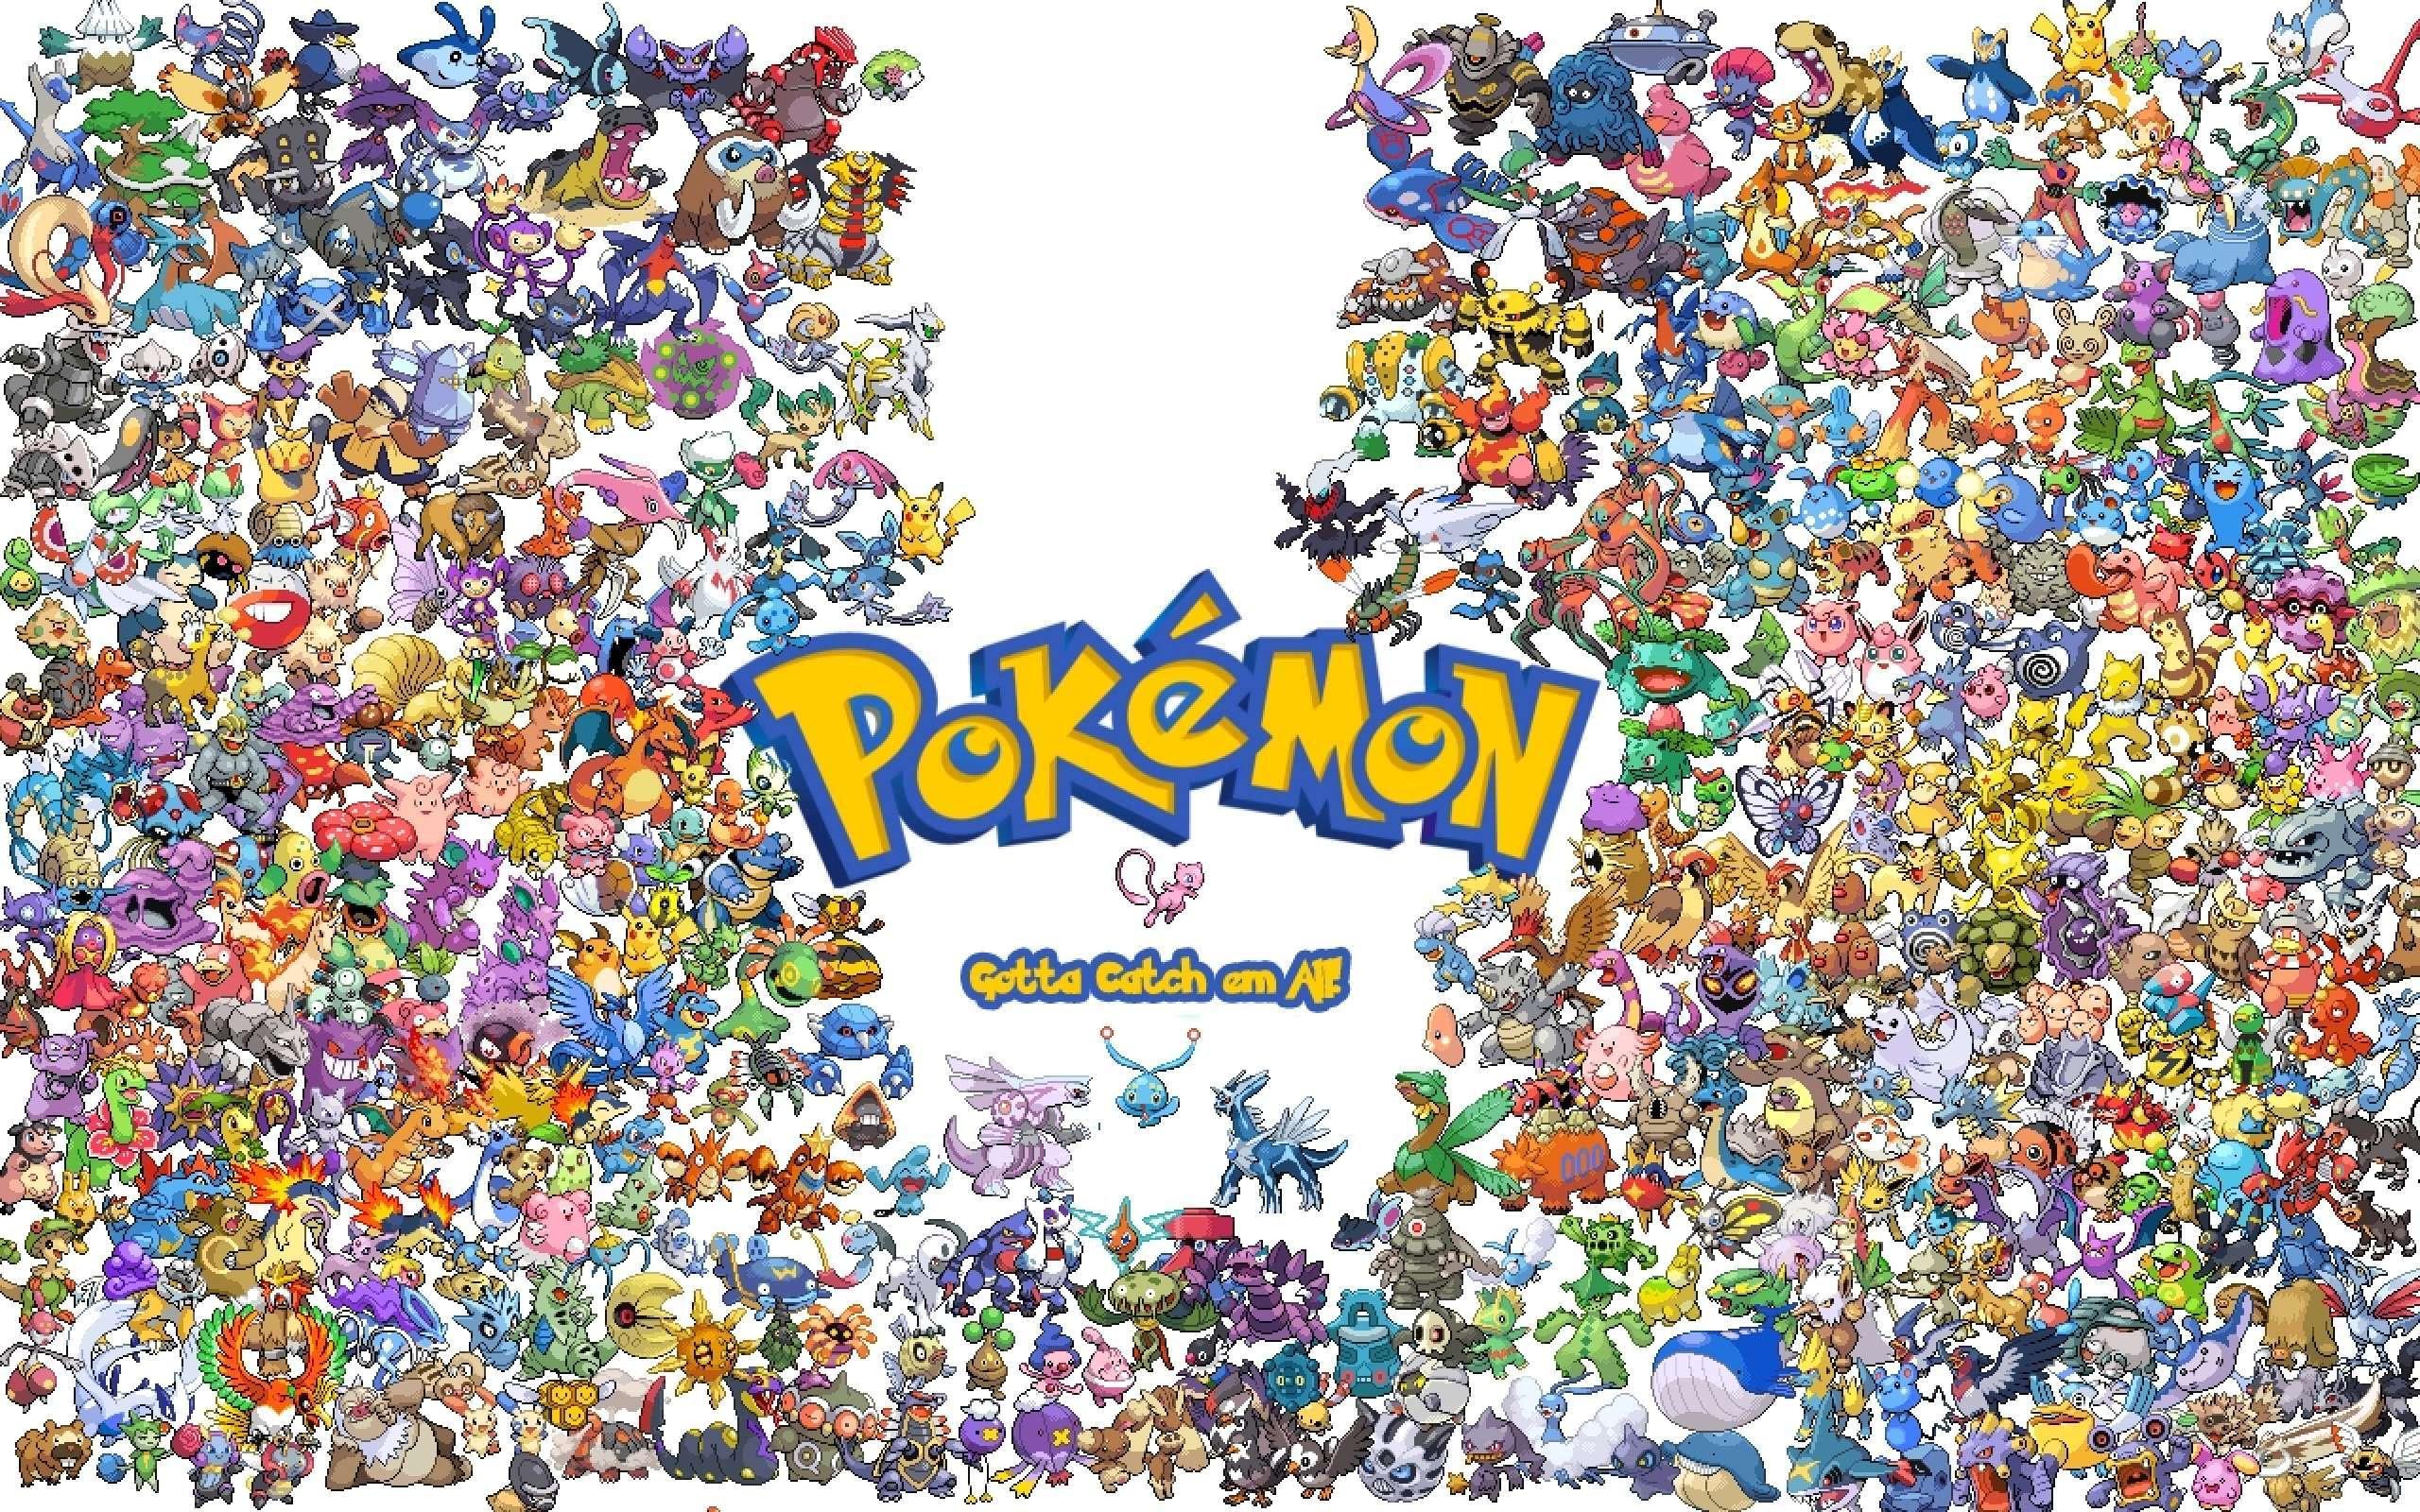 Pokemon Hd 壁纸3 Amb Kittygirldragon 壁纸 38860768 潮流粉丝俱乐部